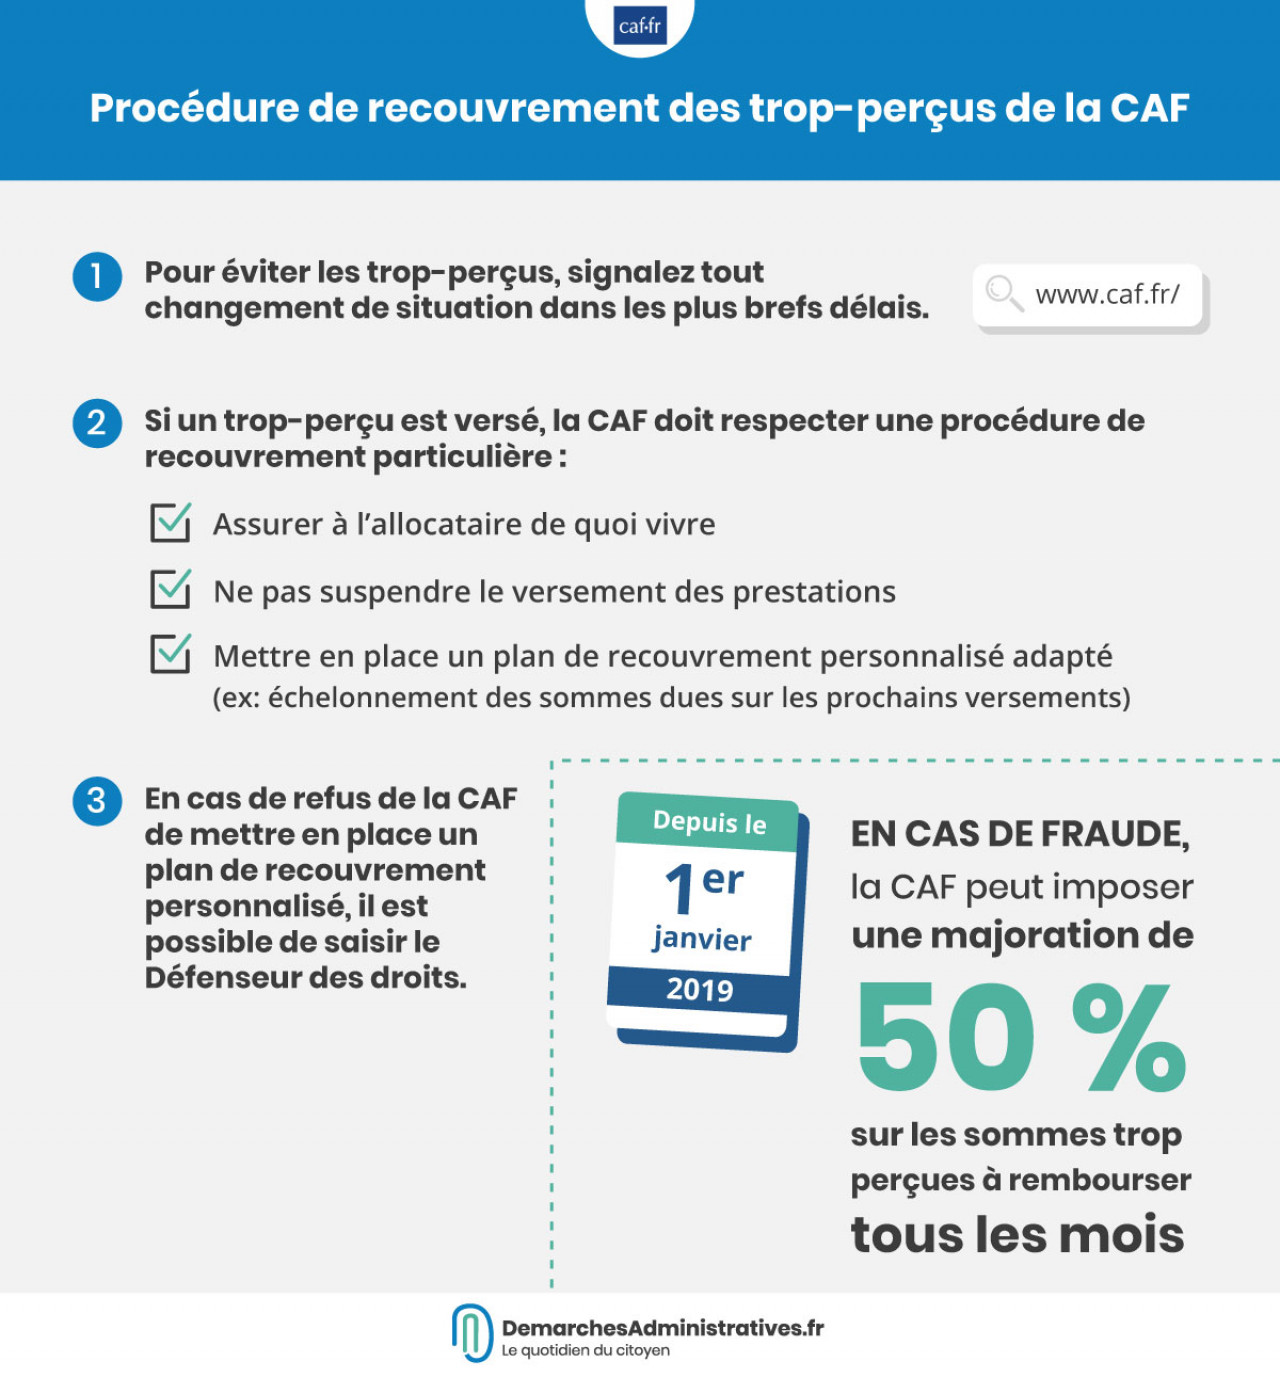 Procédure de recouvrement des trop-perçus de la CAF